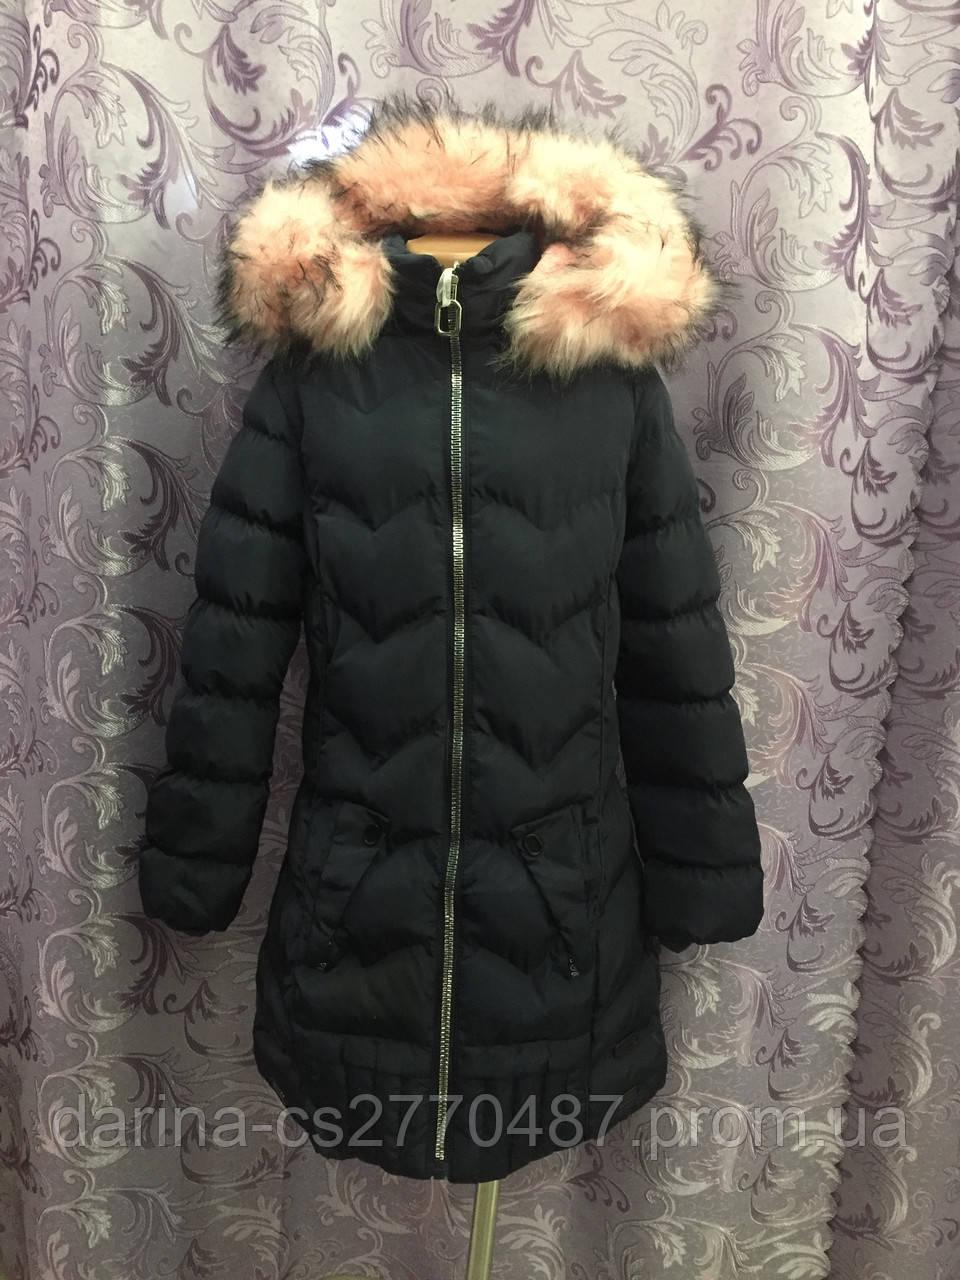 Подростковое зимнее пальто для девочки 12 л